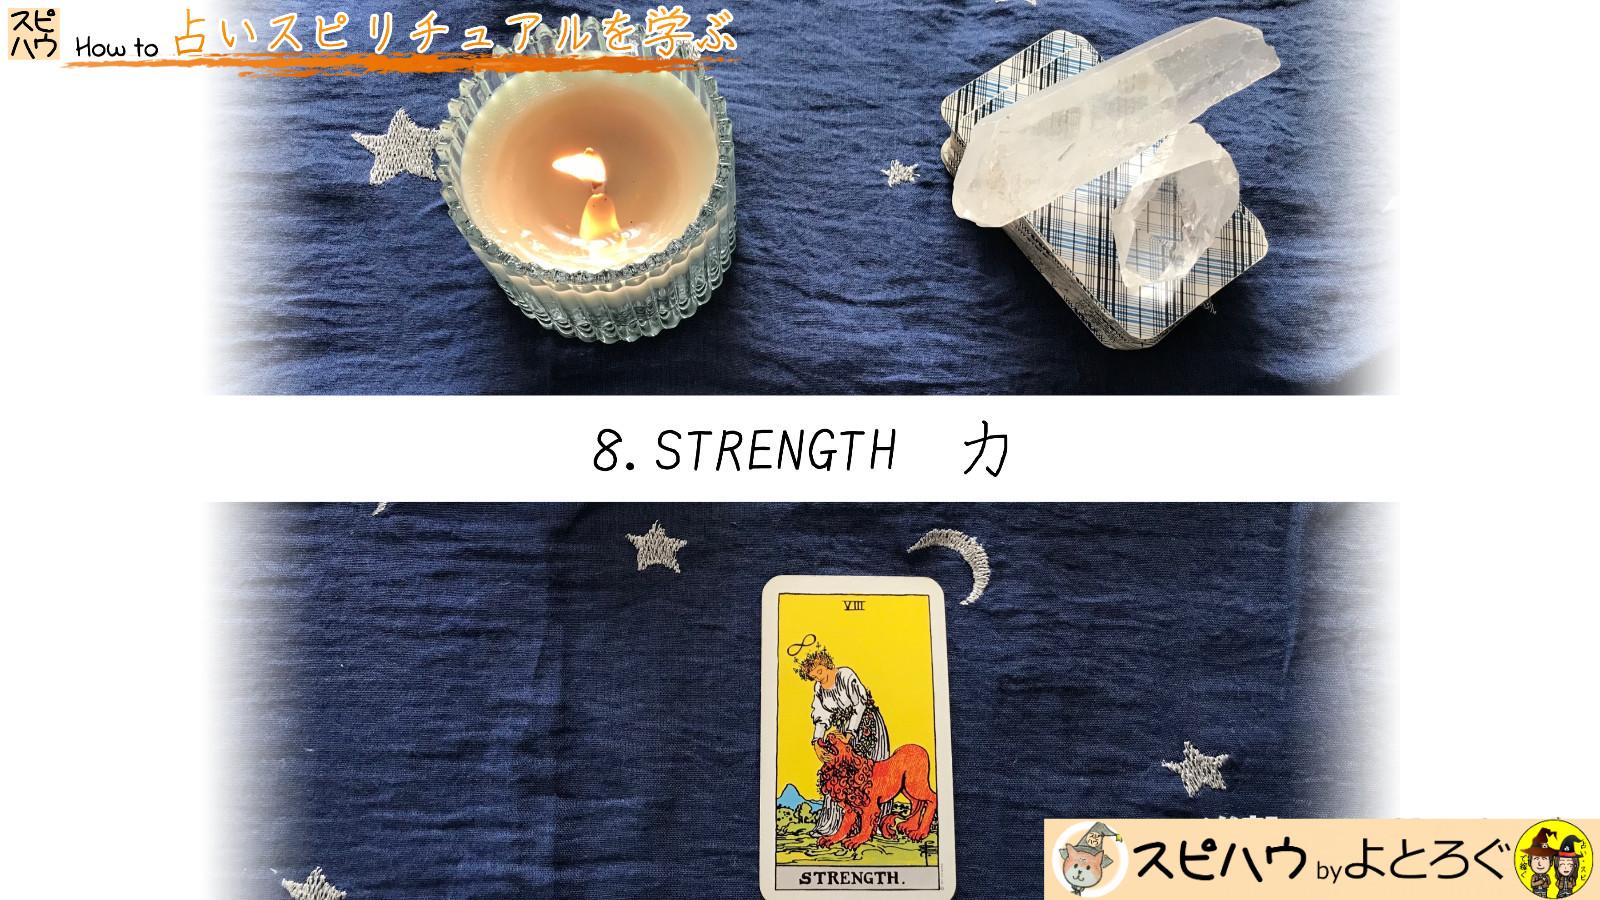 本当の強さとは、自分の弱さを認めること。 8.力 STRENGTHのカード画像